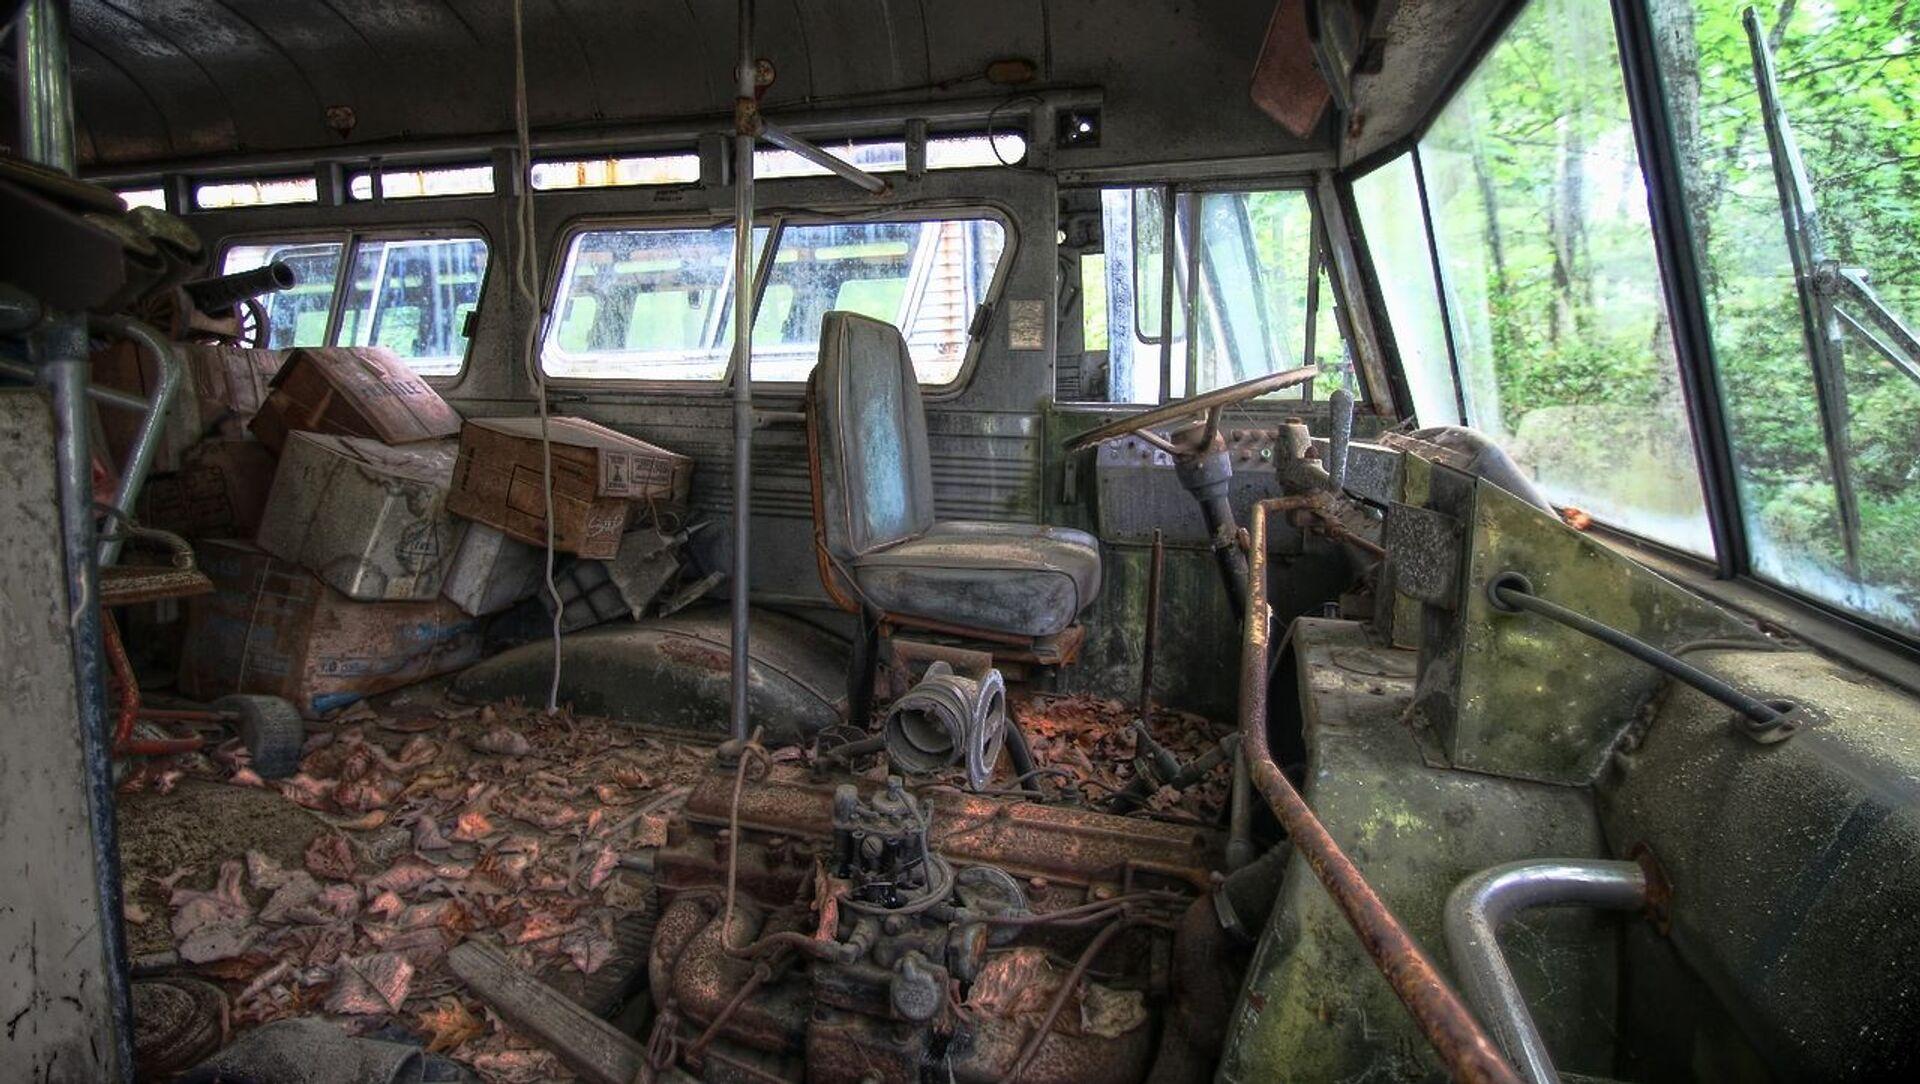 Un autobús abandonado, imagen referencial - Sputnik Mundo, 1920, 28.07.2019